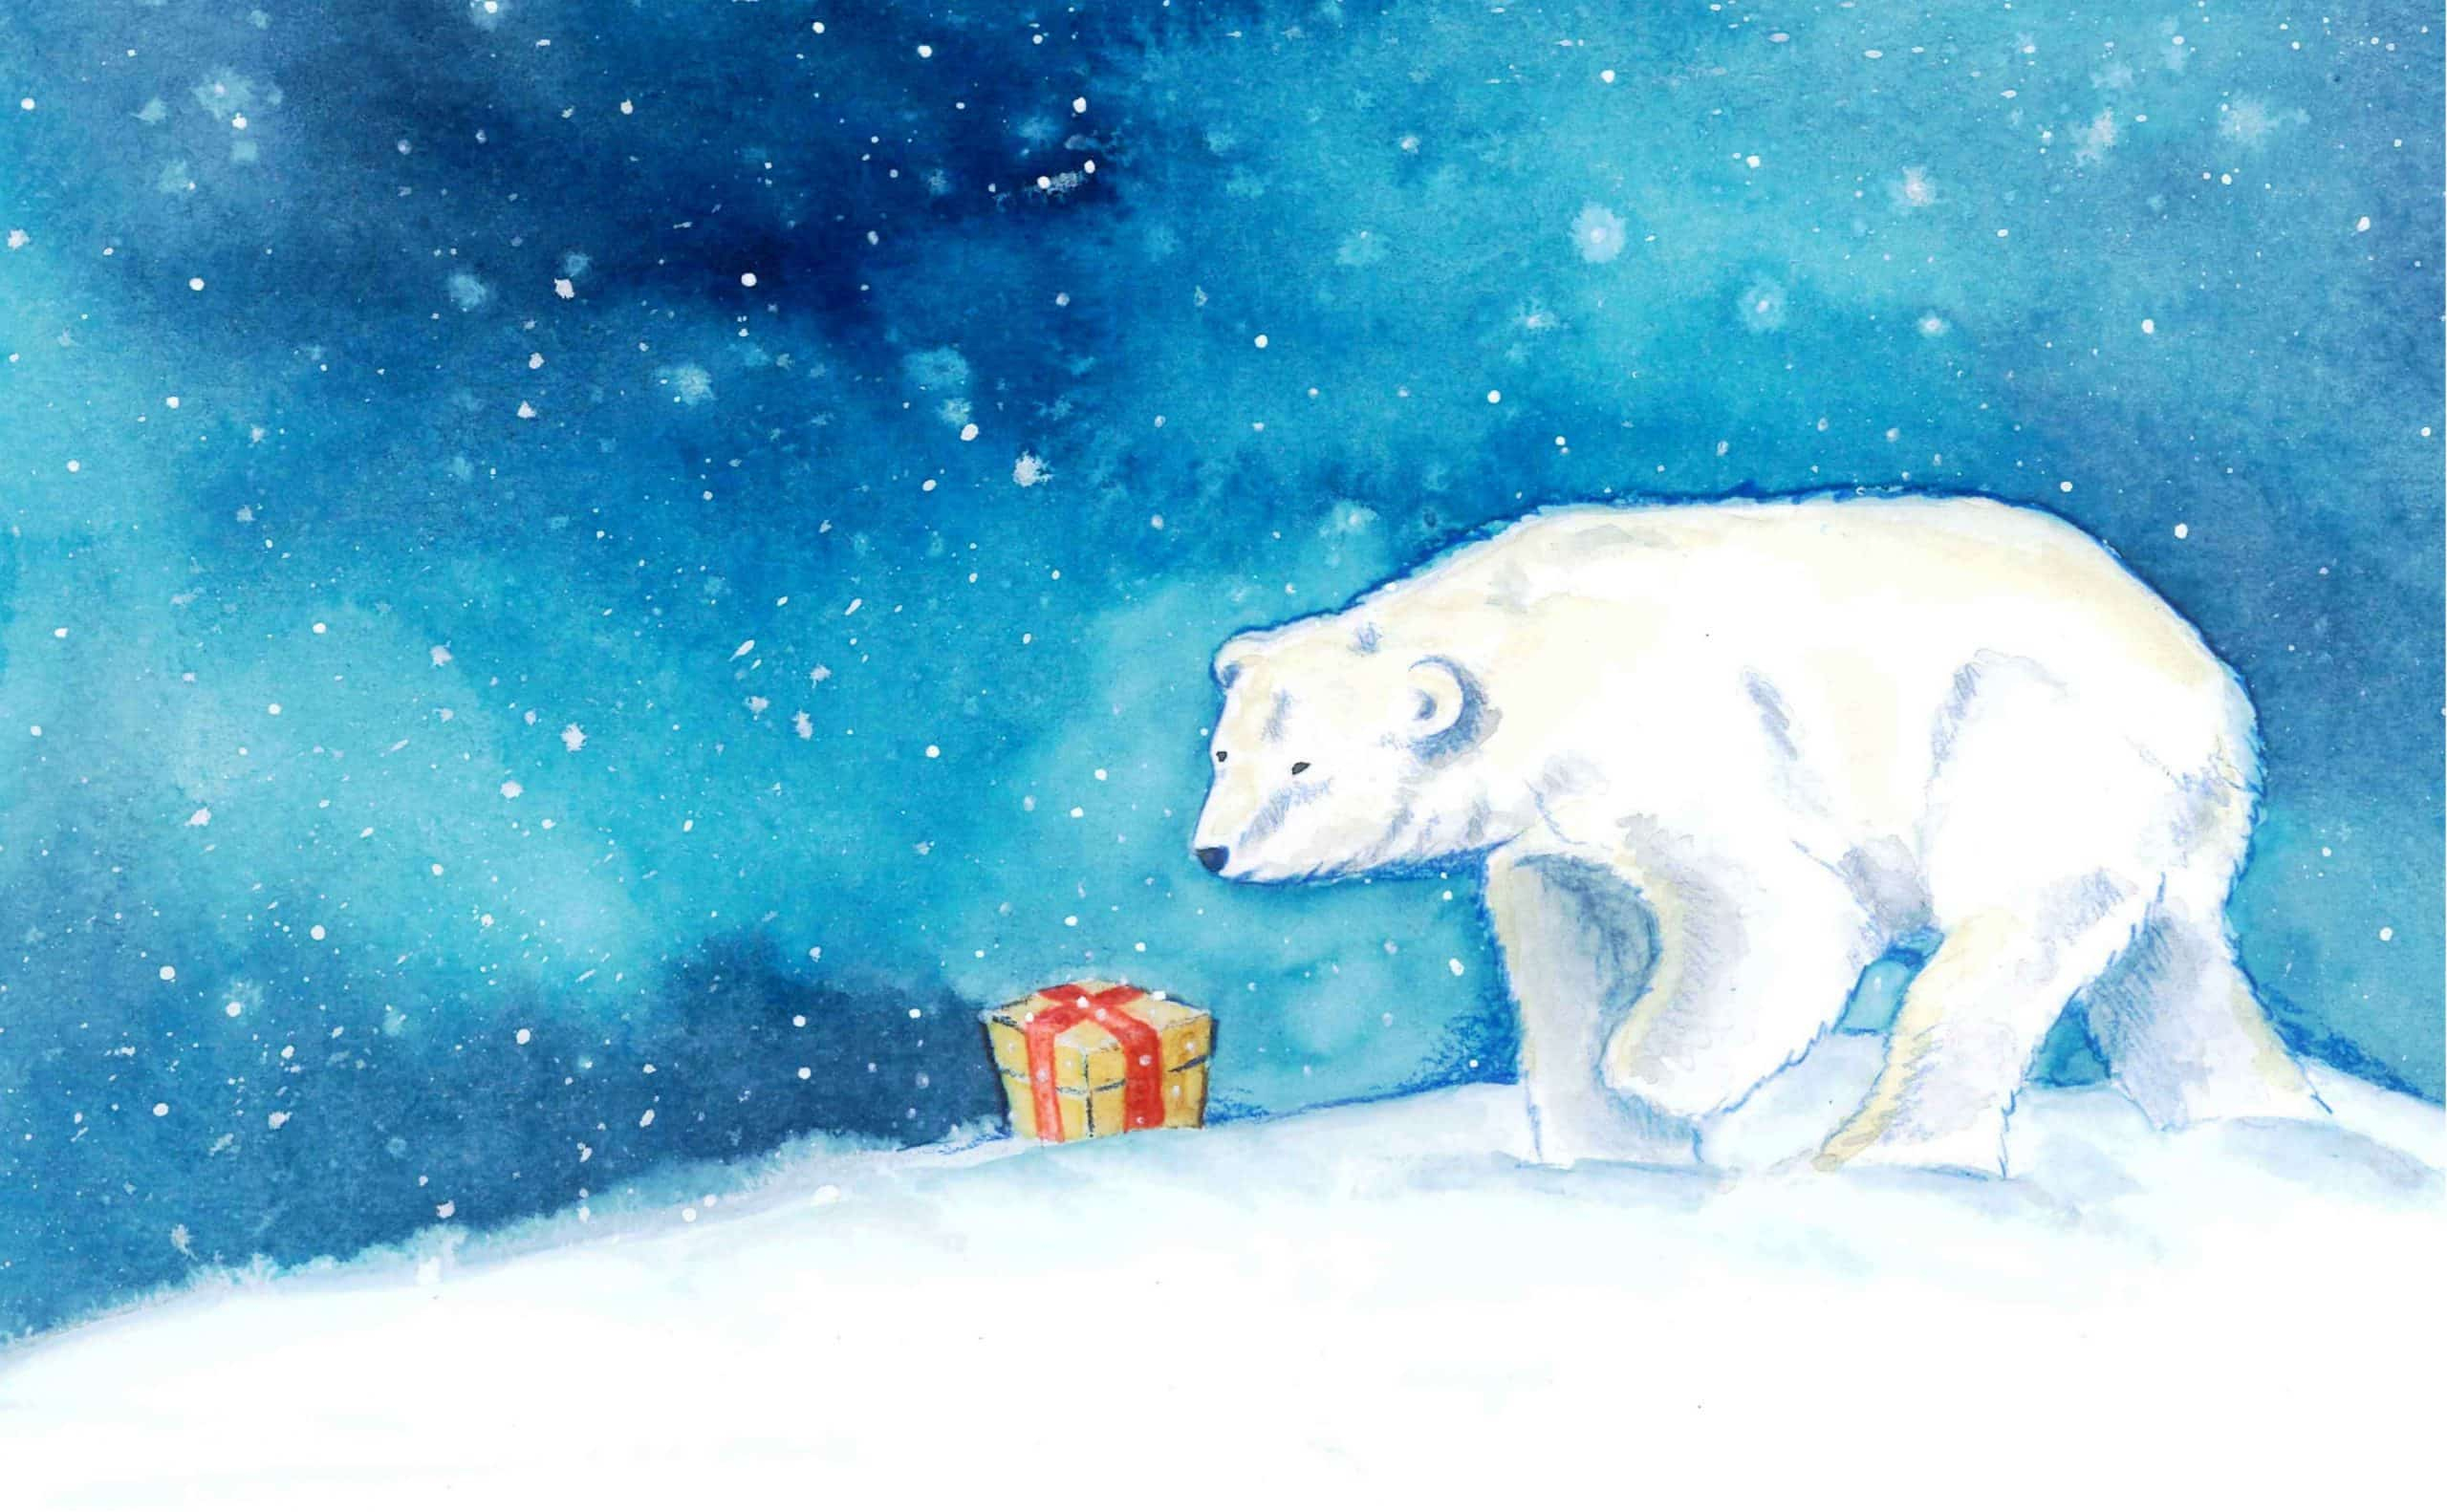 Weihnachtsgedichte Für Kinder • Weihnachtsgedichte • Briefeguru für Einfache Weihnachtsgedichte Für Kindergartenkinder